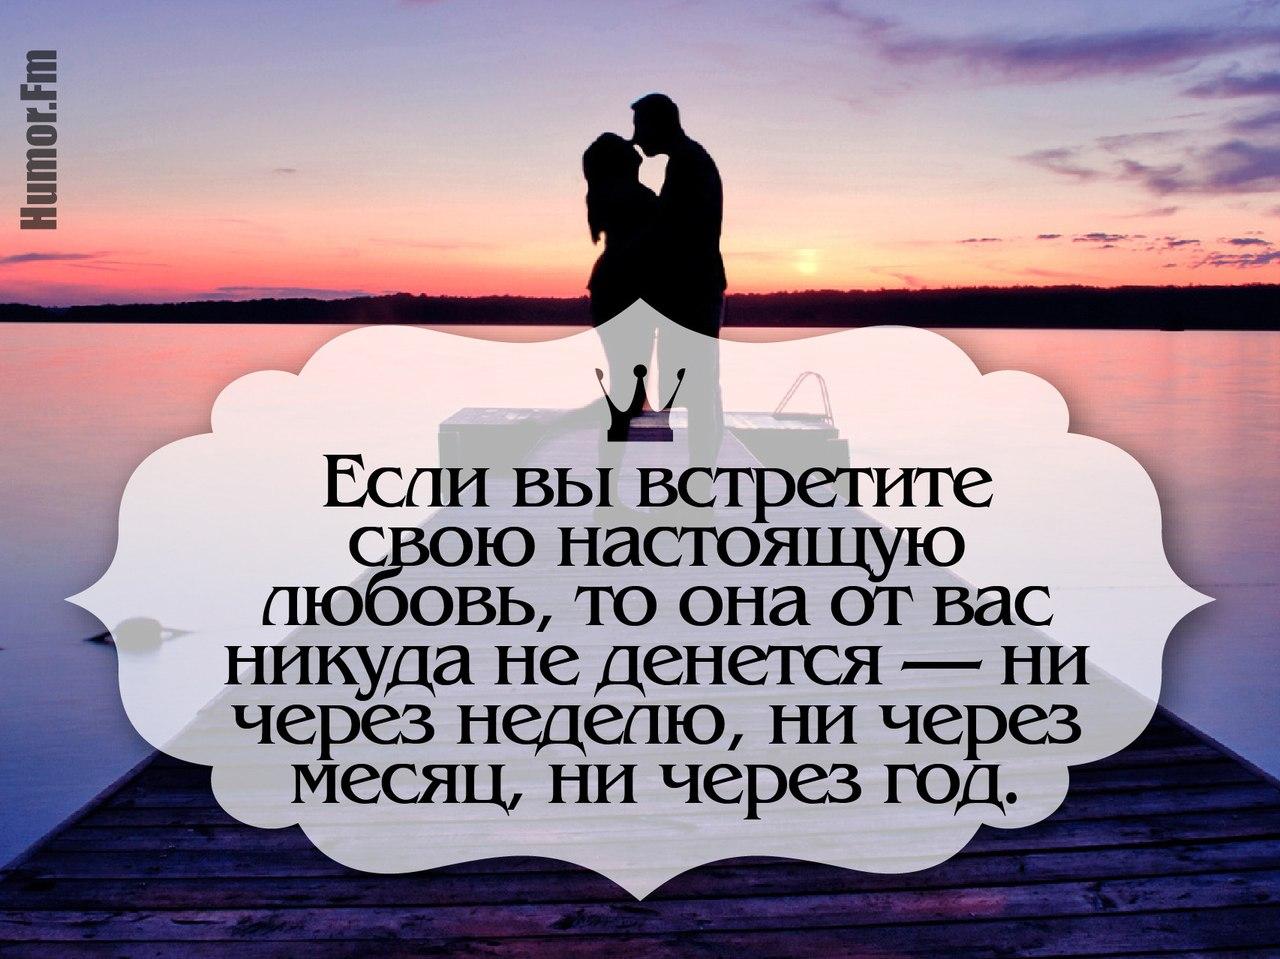 картинки с мудрыми мыслями о любви расположение